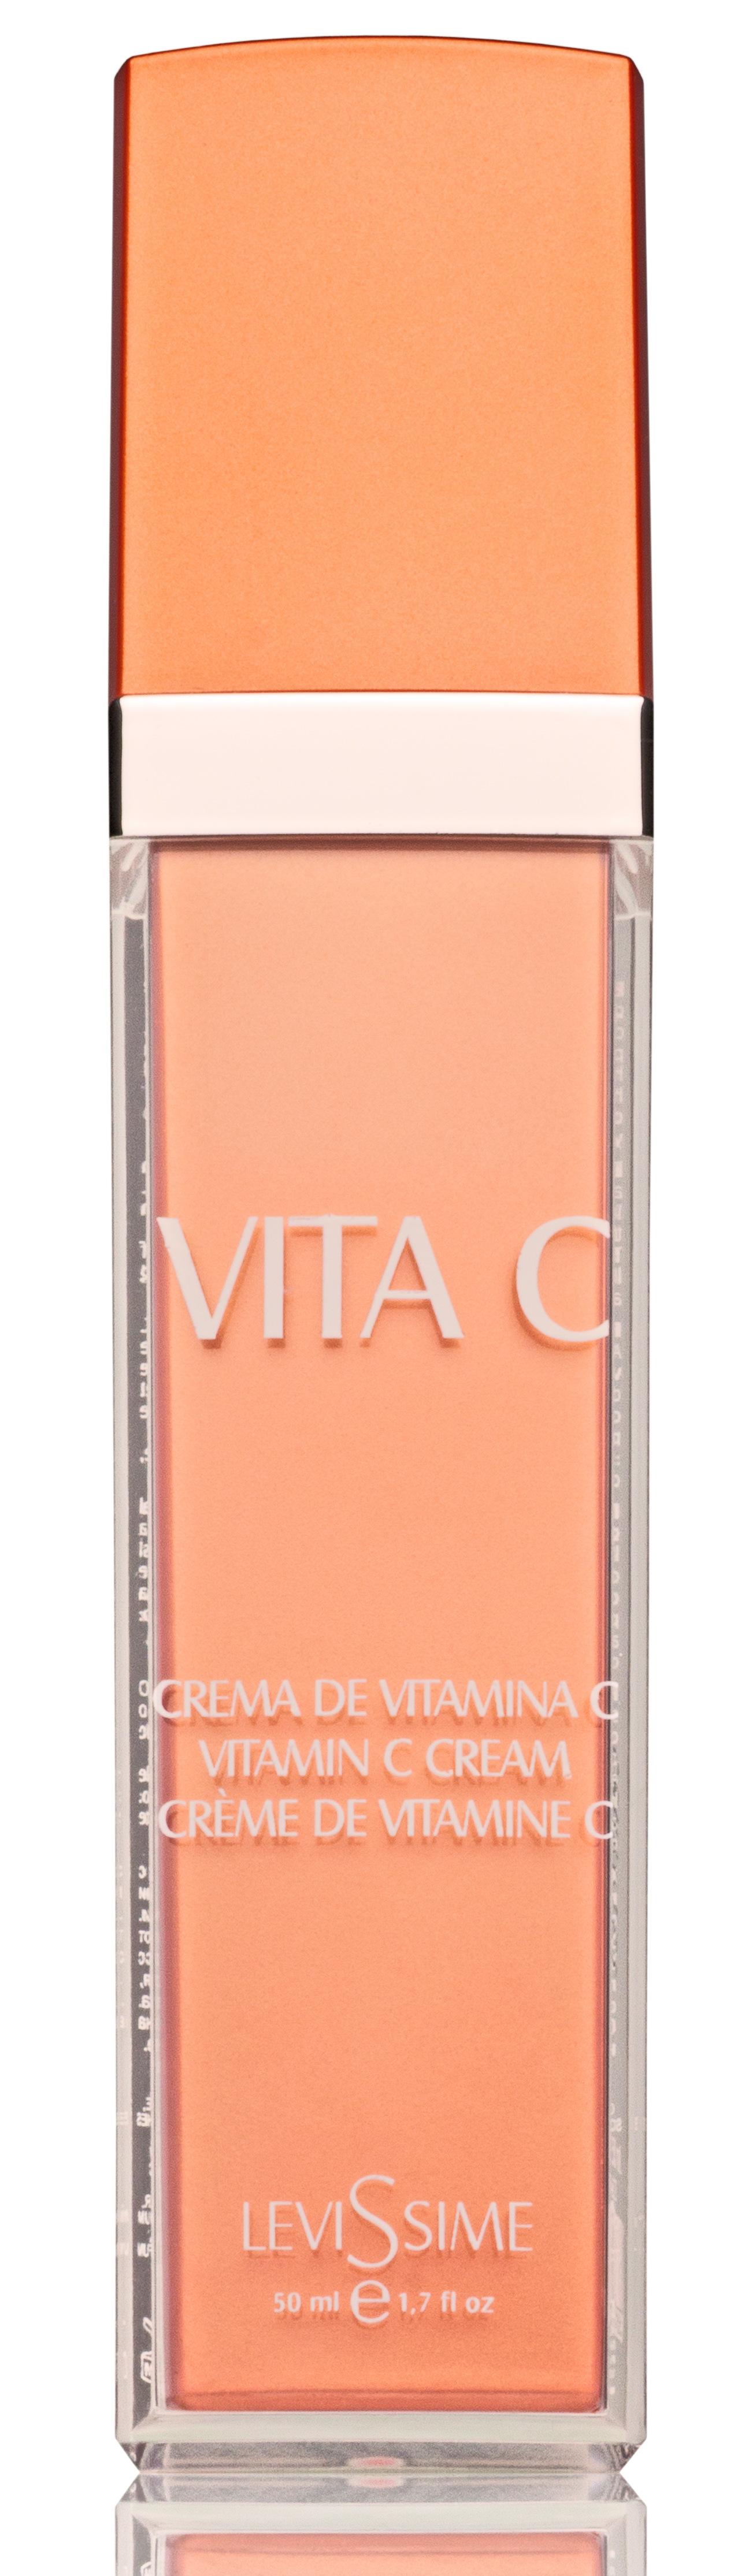 LEVISSIME Крем оживляющий с витамином С / Vita C Cream 50 мл -  Кремы